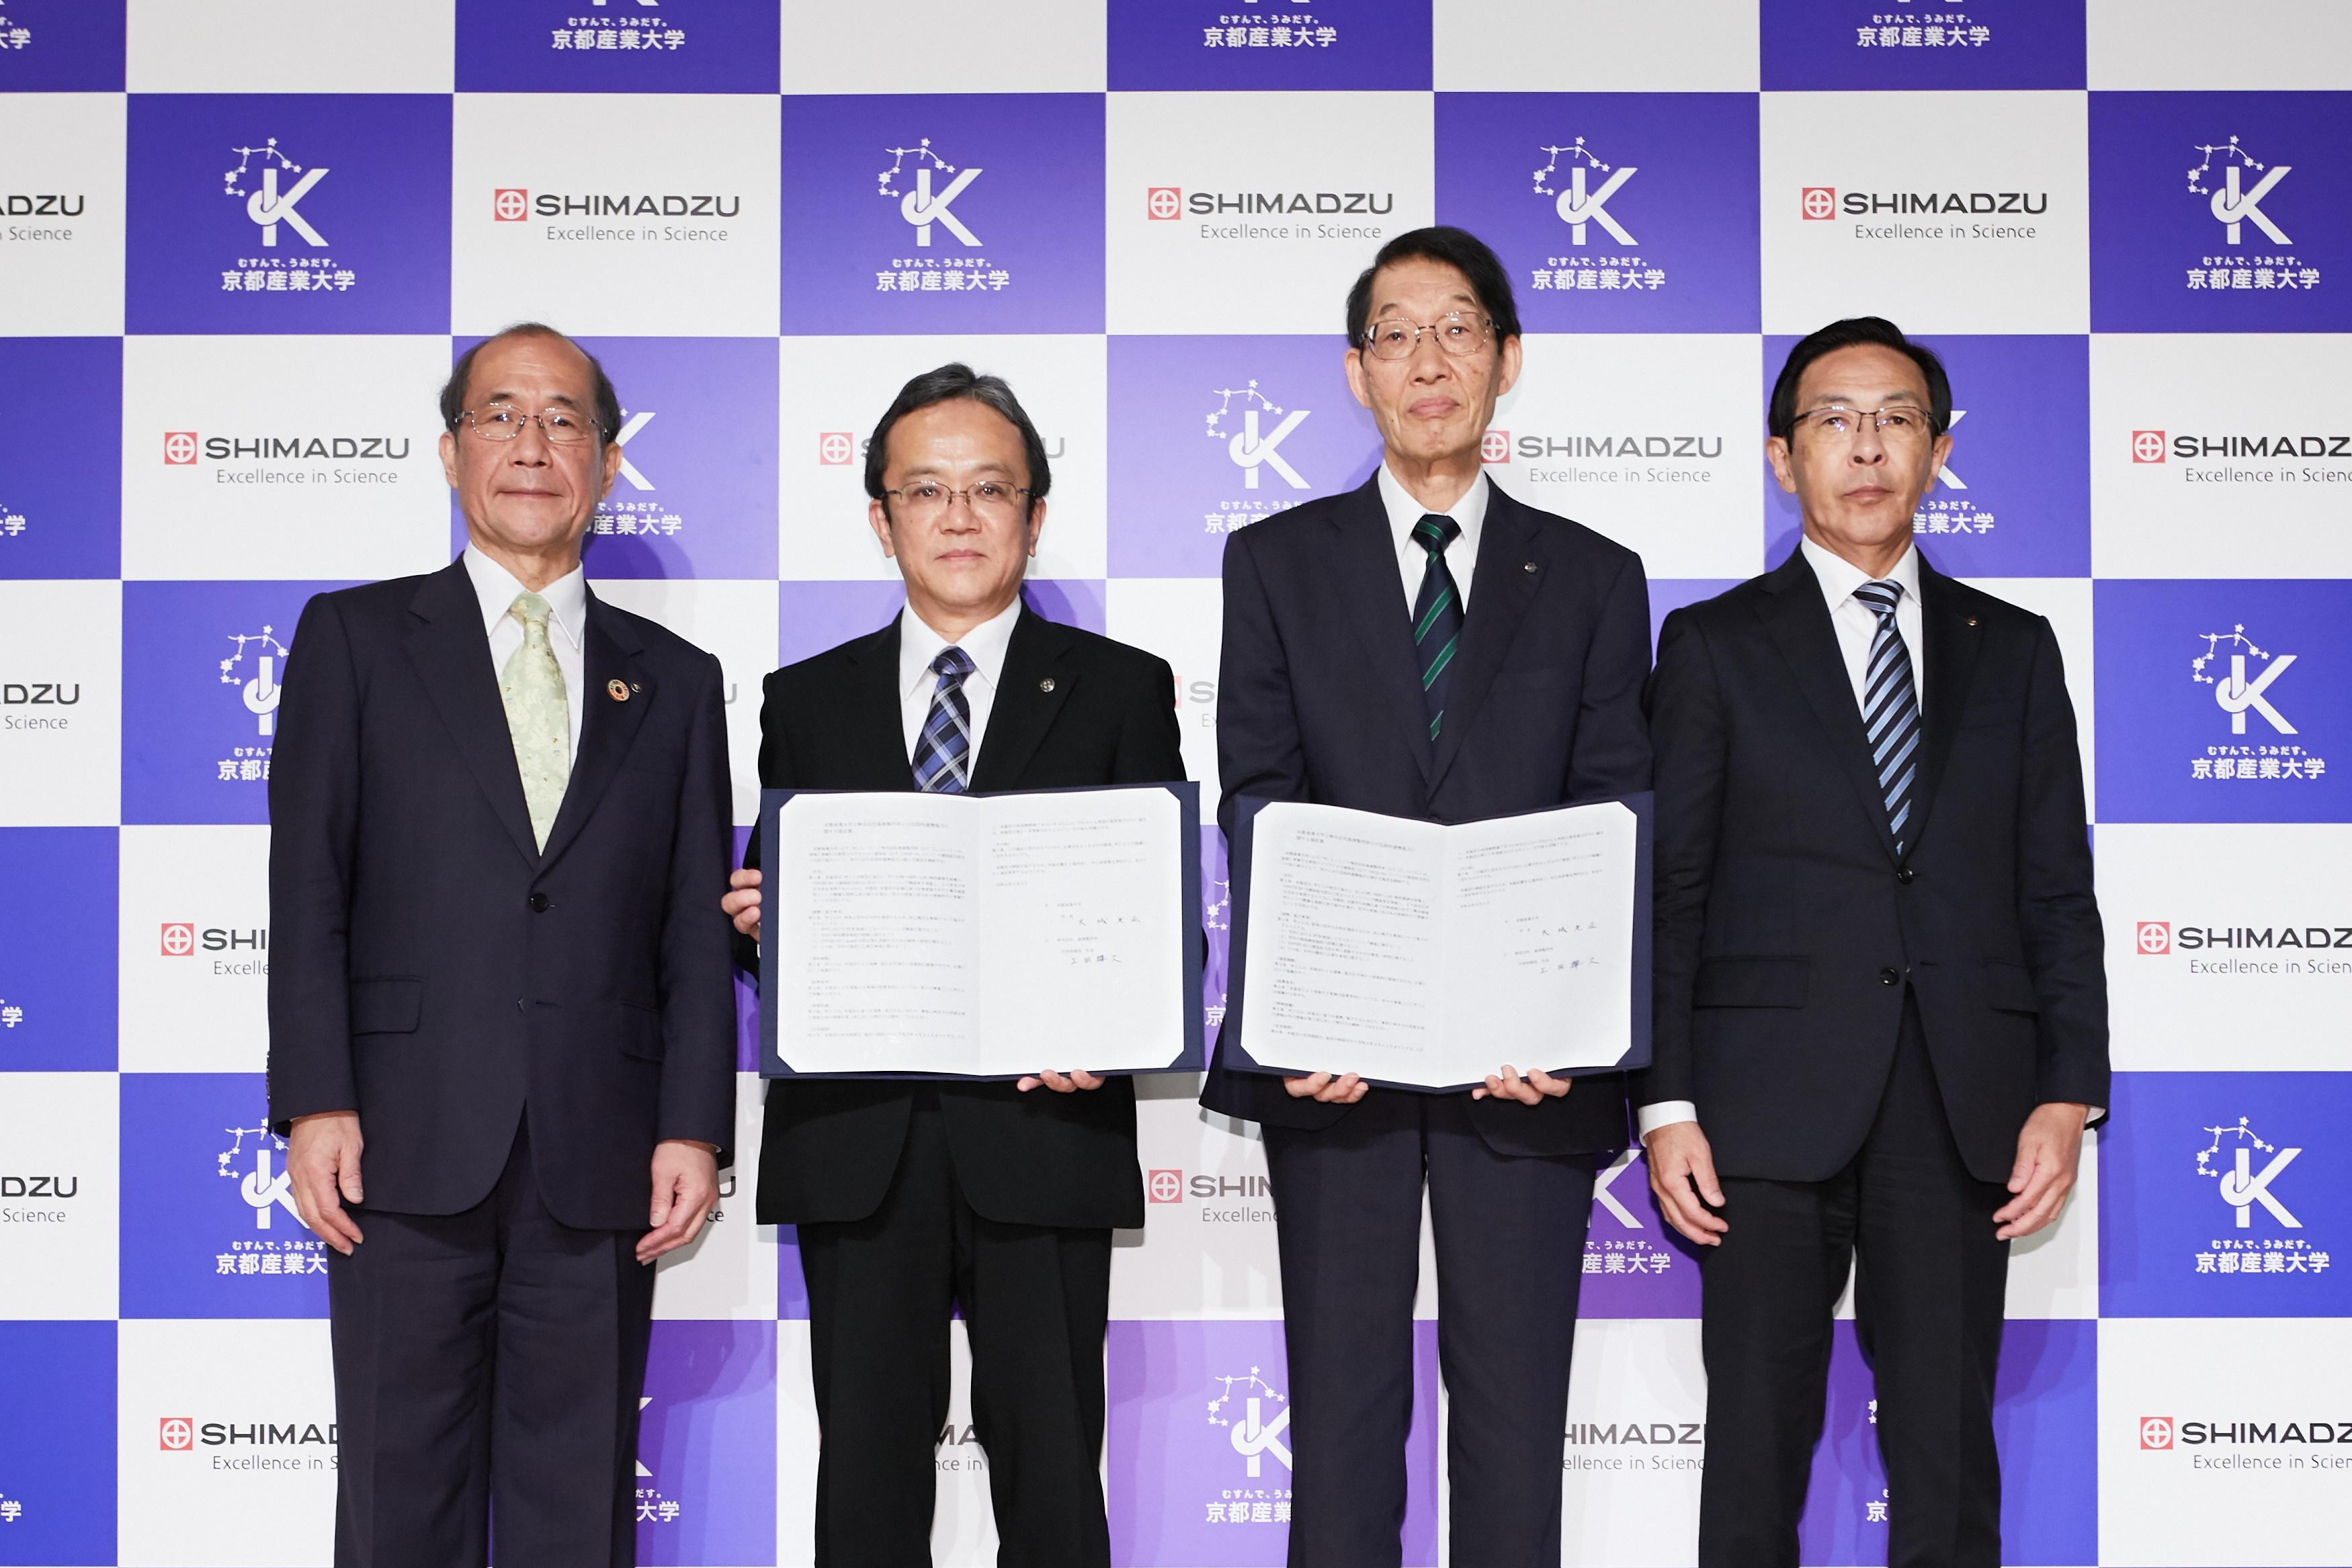 【京都産業大学】株式会社島津製作所と包括的連携協力に関する協定を締結し、産学公連携によるPCR検査センターを学内に設置